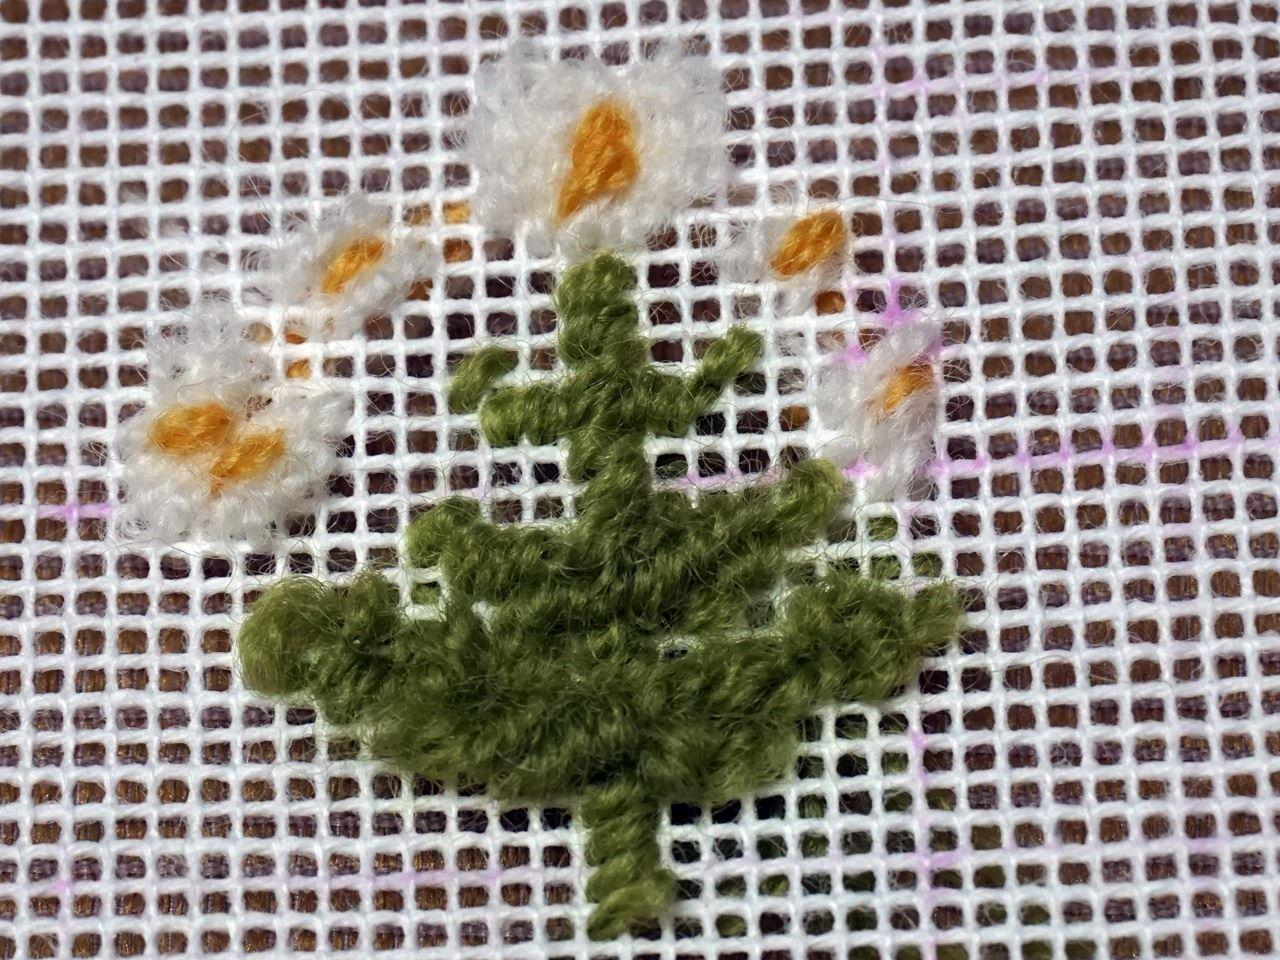 【フェリシモ】「北欧の花と実を描く テキスタイルみたいなニードルポイントポーチの会」のナノハナを刺したところ